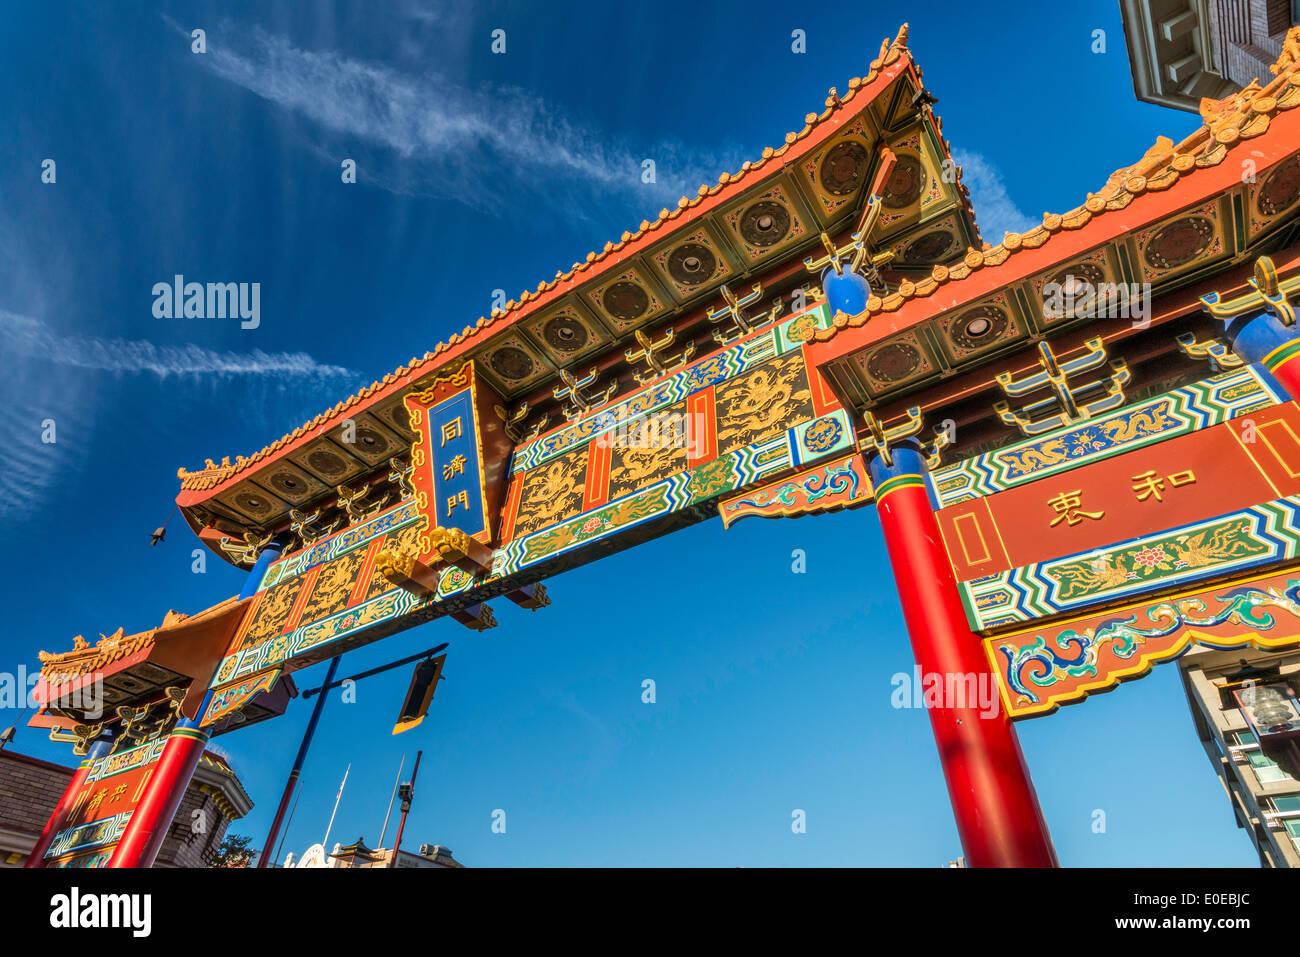 Gate di interesse armonioso in Chinatown al tramonto, Victoria, Isola di Vancouver, British Columbia, Canada Immagini Stock